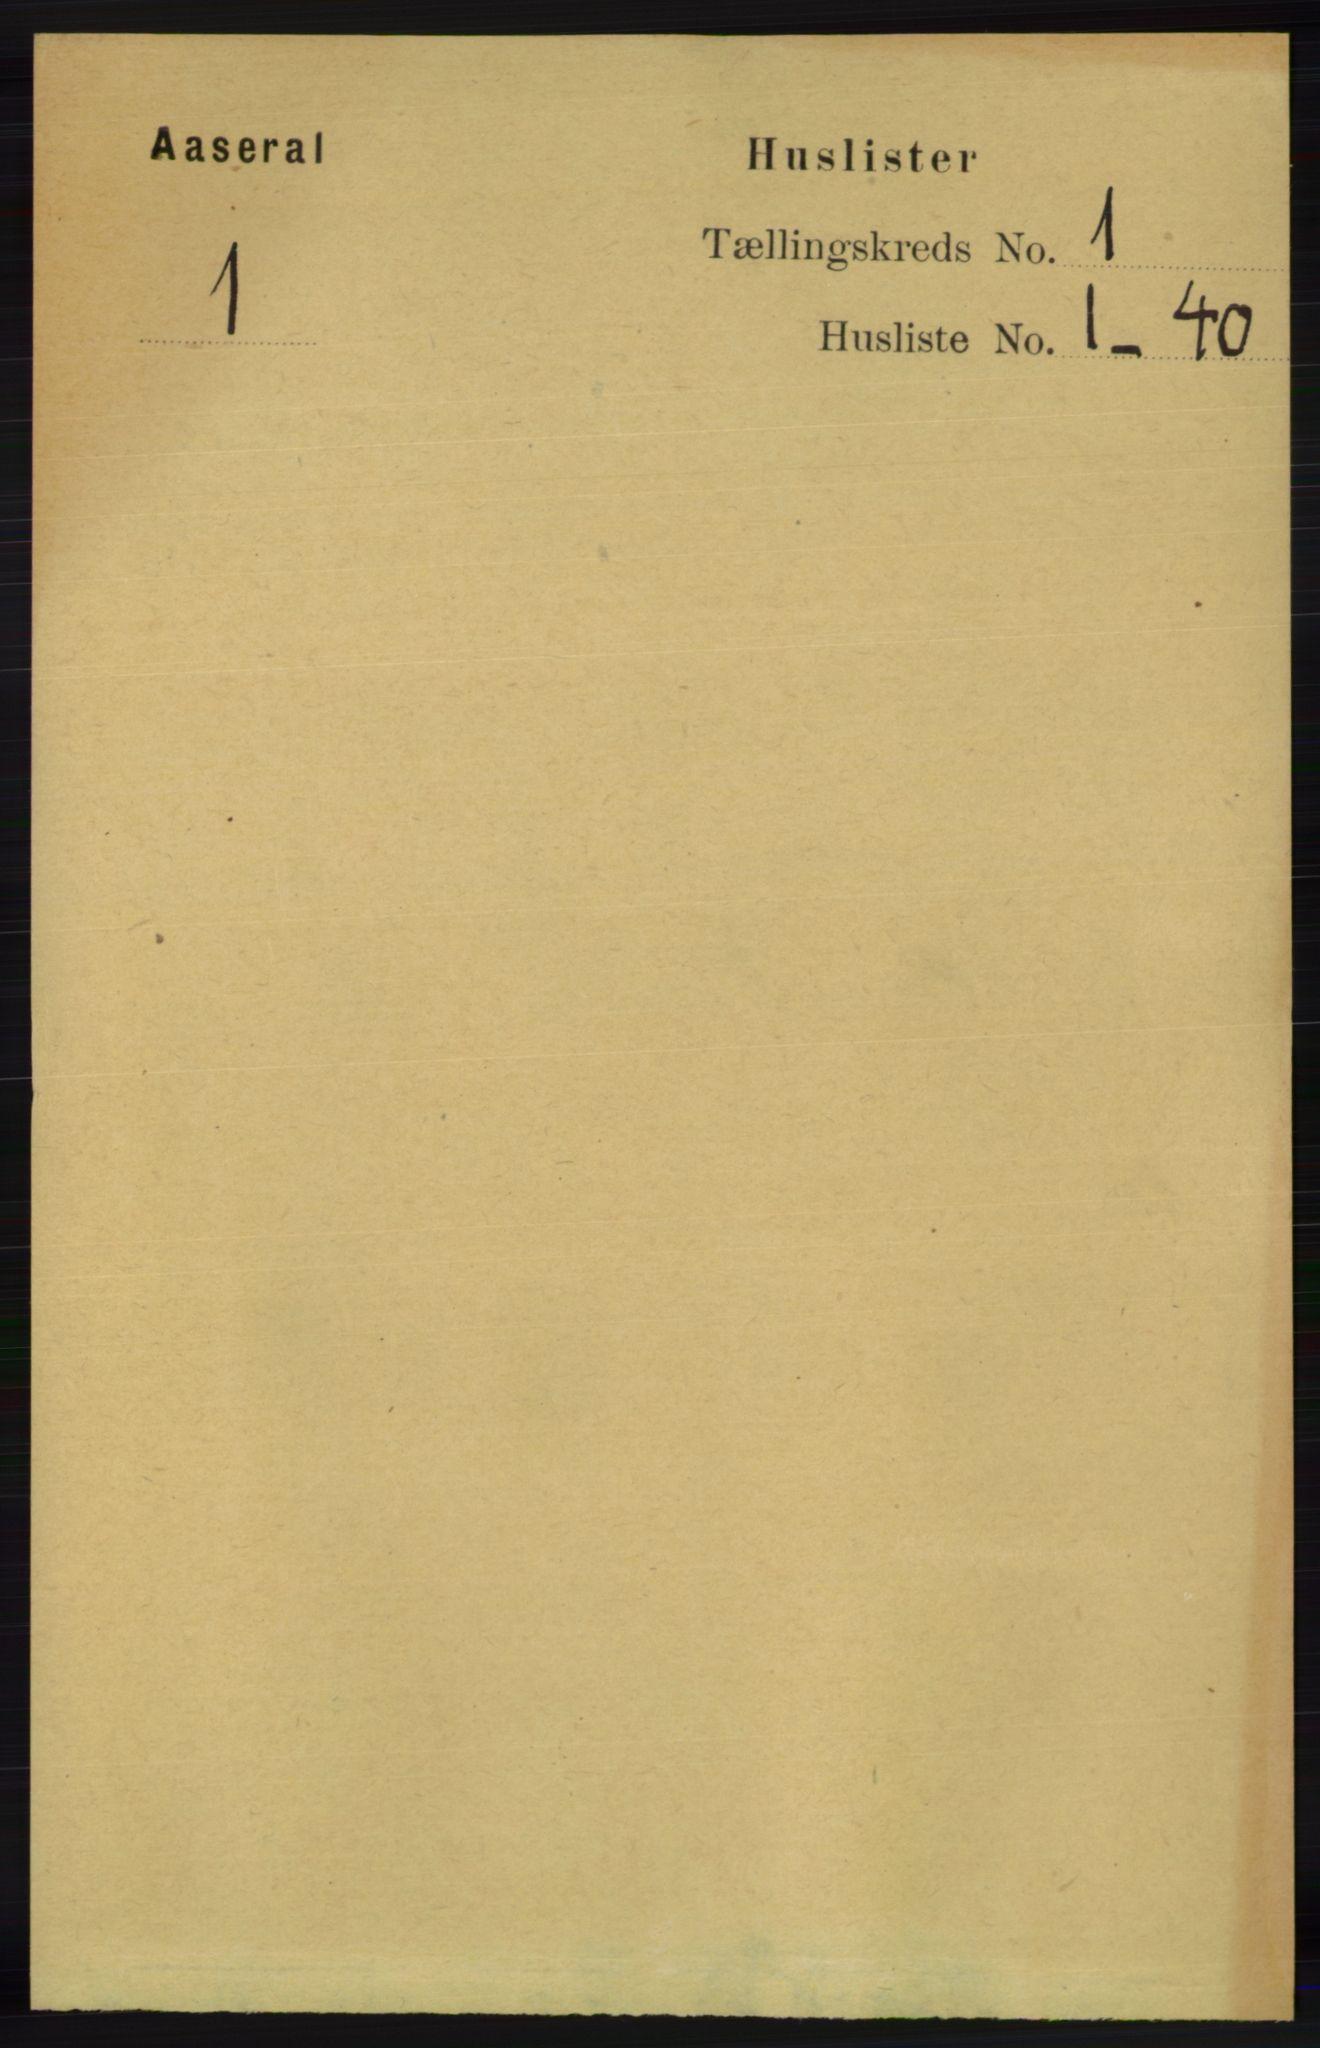 RA, Folketelling 1891 for 1026 Åseral herred, 1891, s. 15